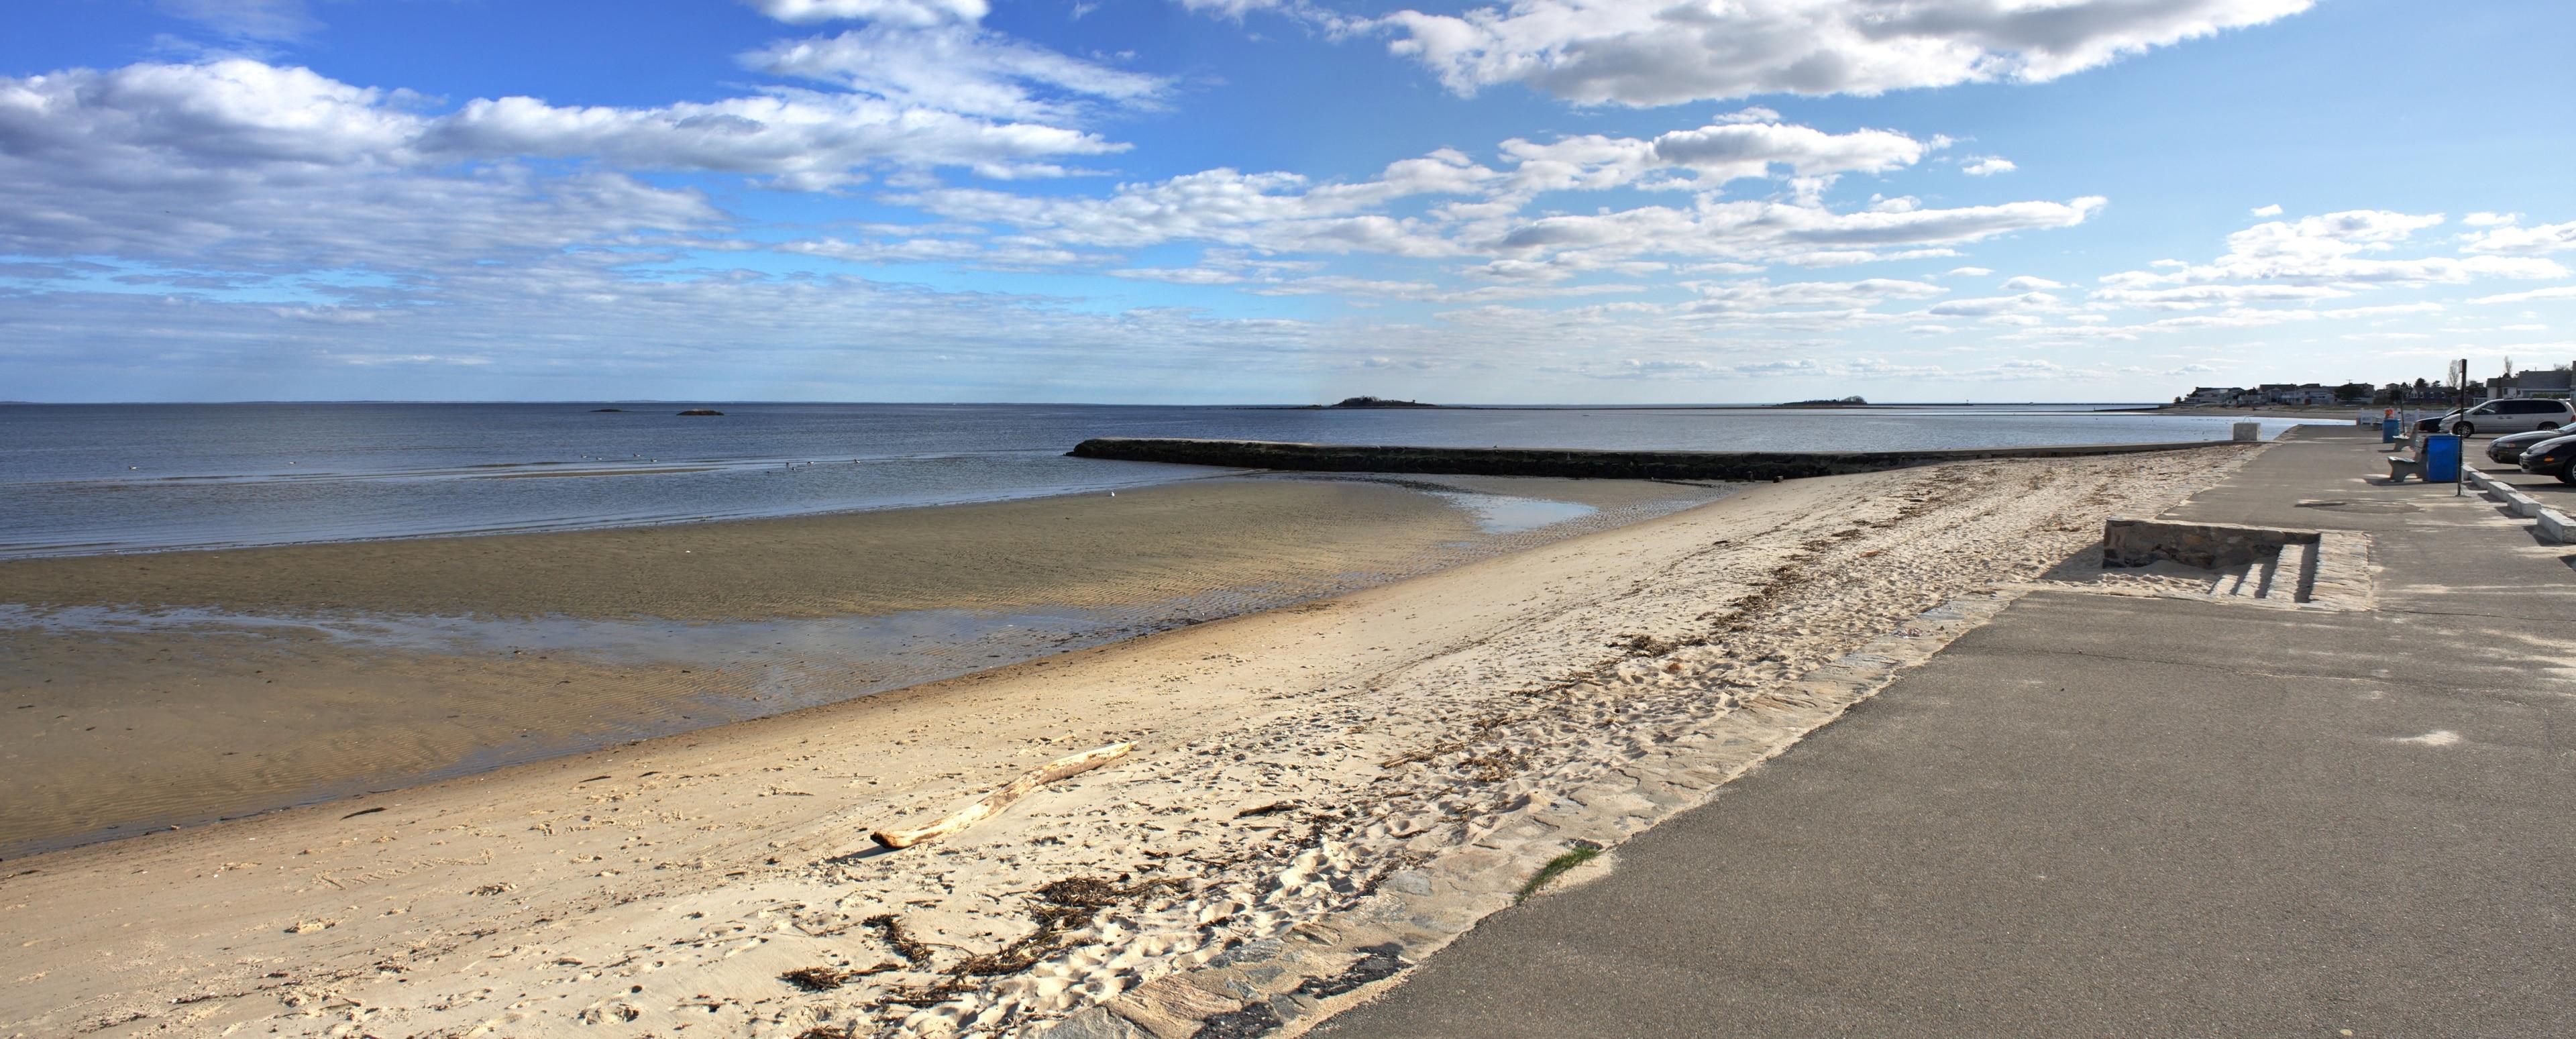 West Bay Beach, Bridport, England, United Kingdom